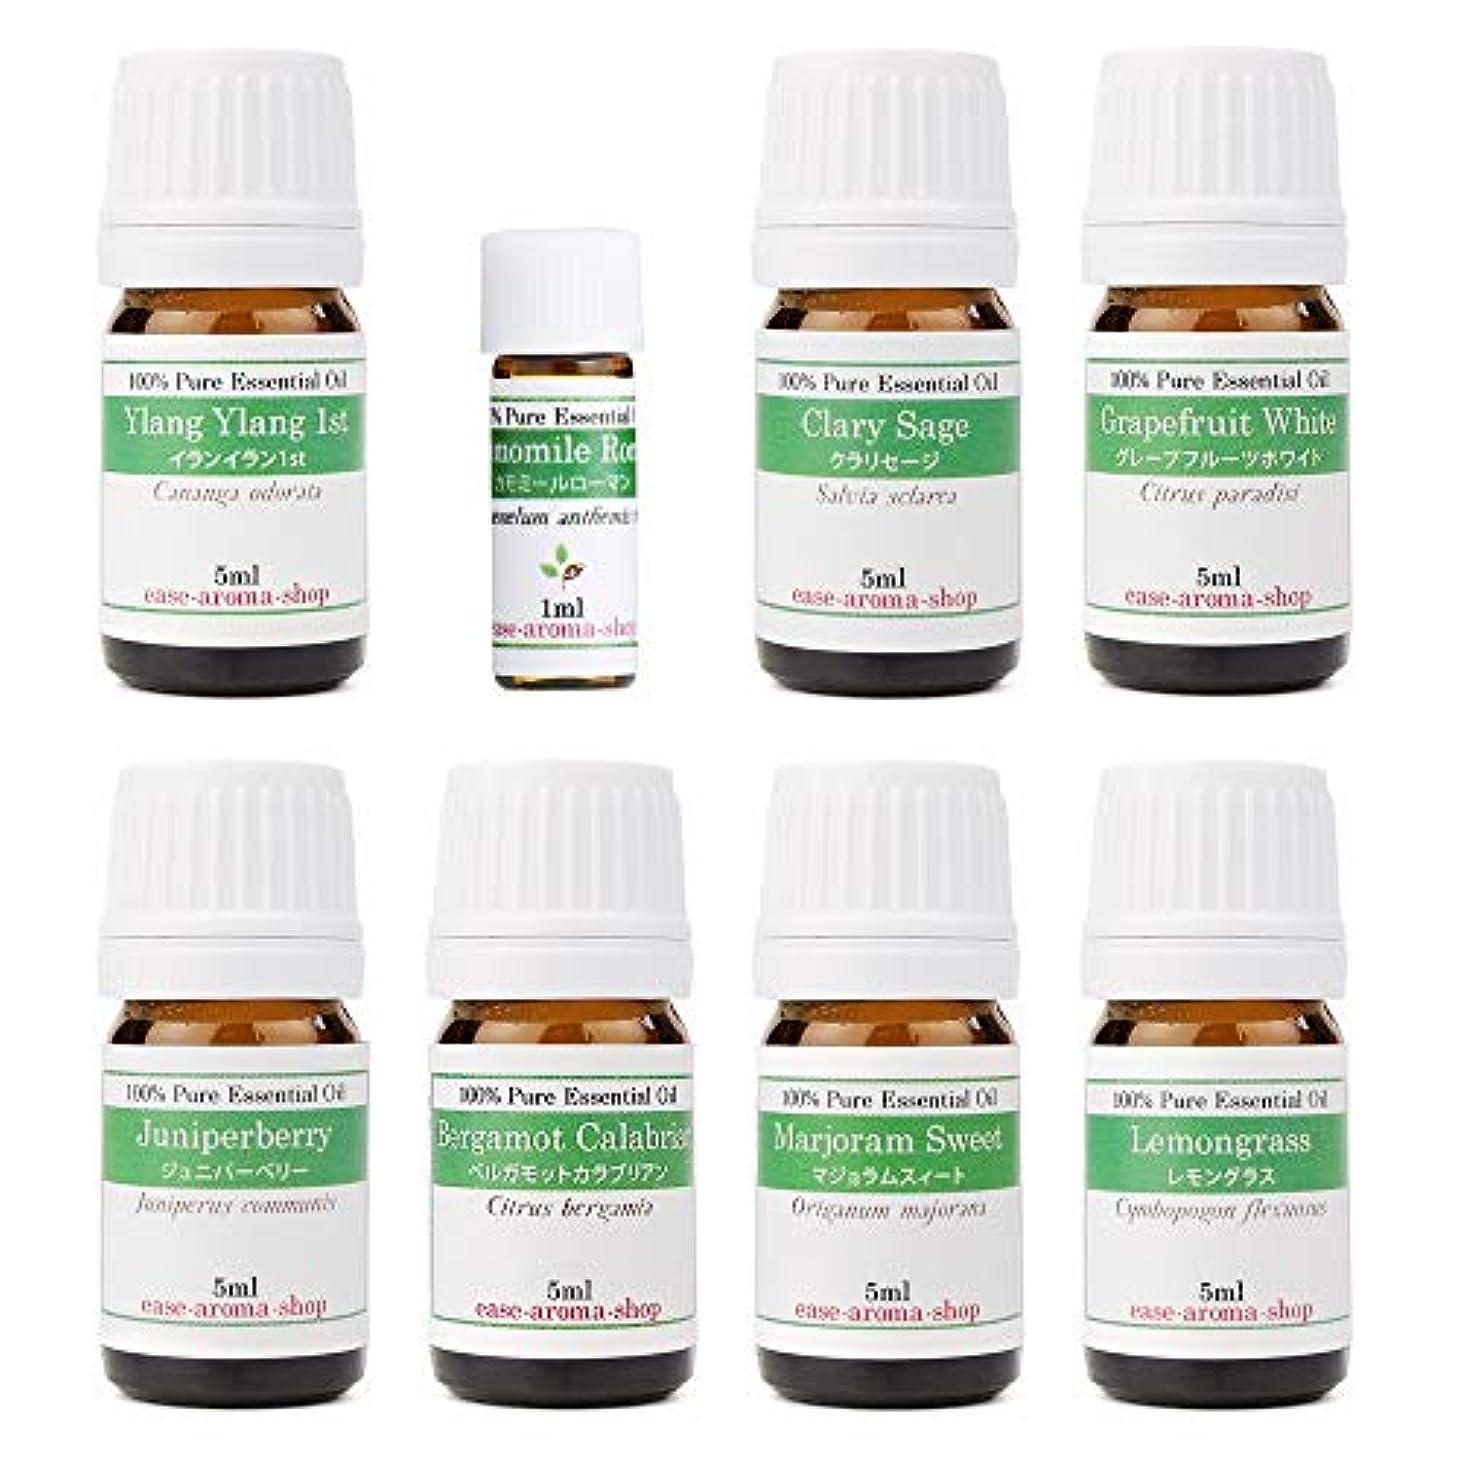 盲信竜巻もっと【2019年改訂版】ease AEAJアロマテラピー検定香りテスト対象精油セット 揃えておきたい基本の精油 1級 8本セット各5ml